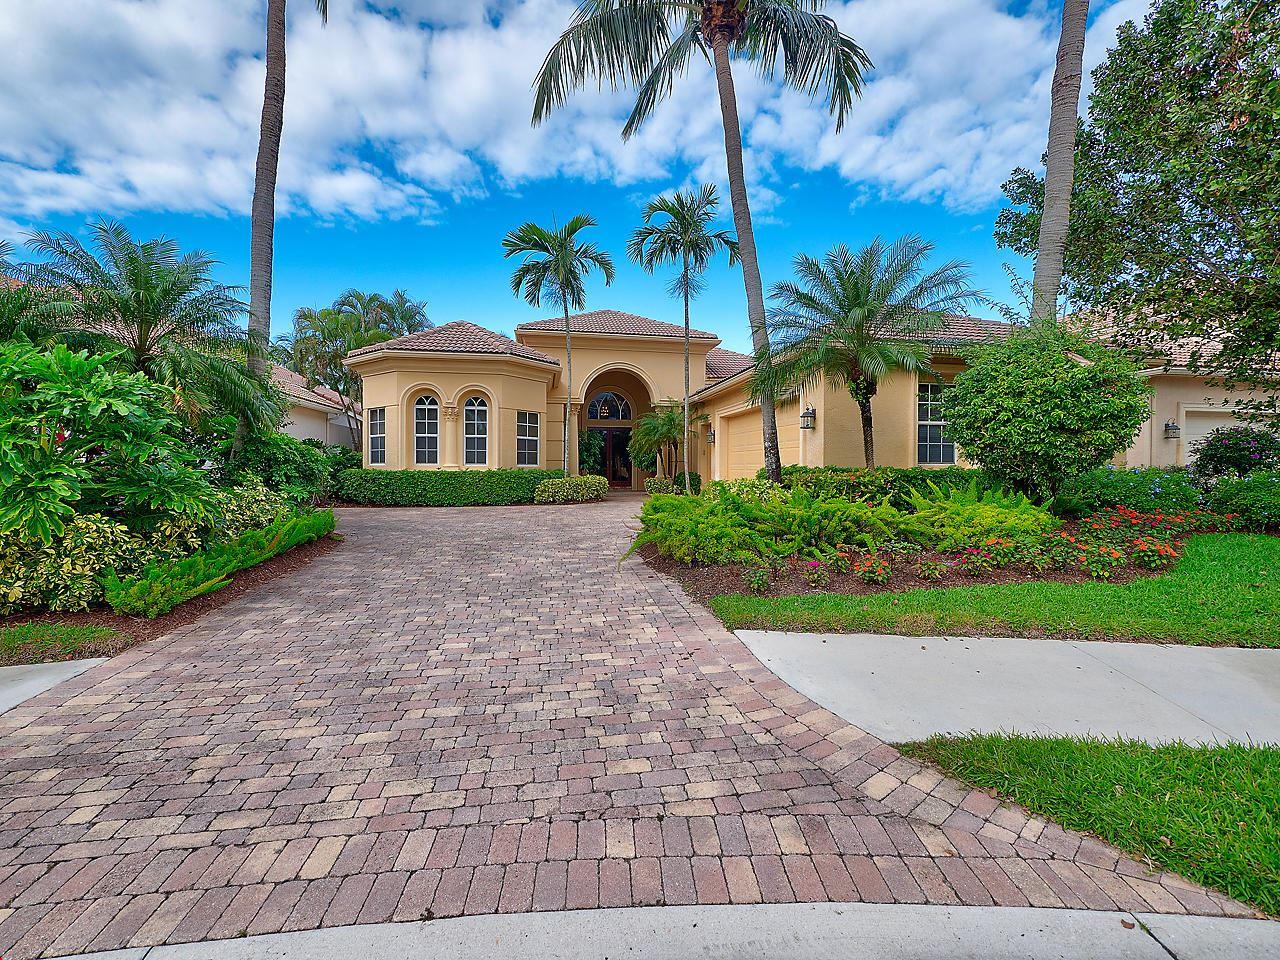 Photo of 112 Coconut Key Court, Palm Beach Gardens, FL 33418 (MLS # RX-10676824)